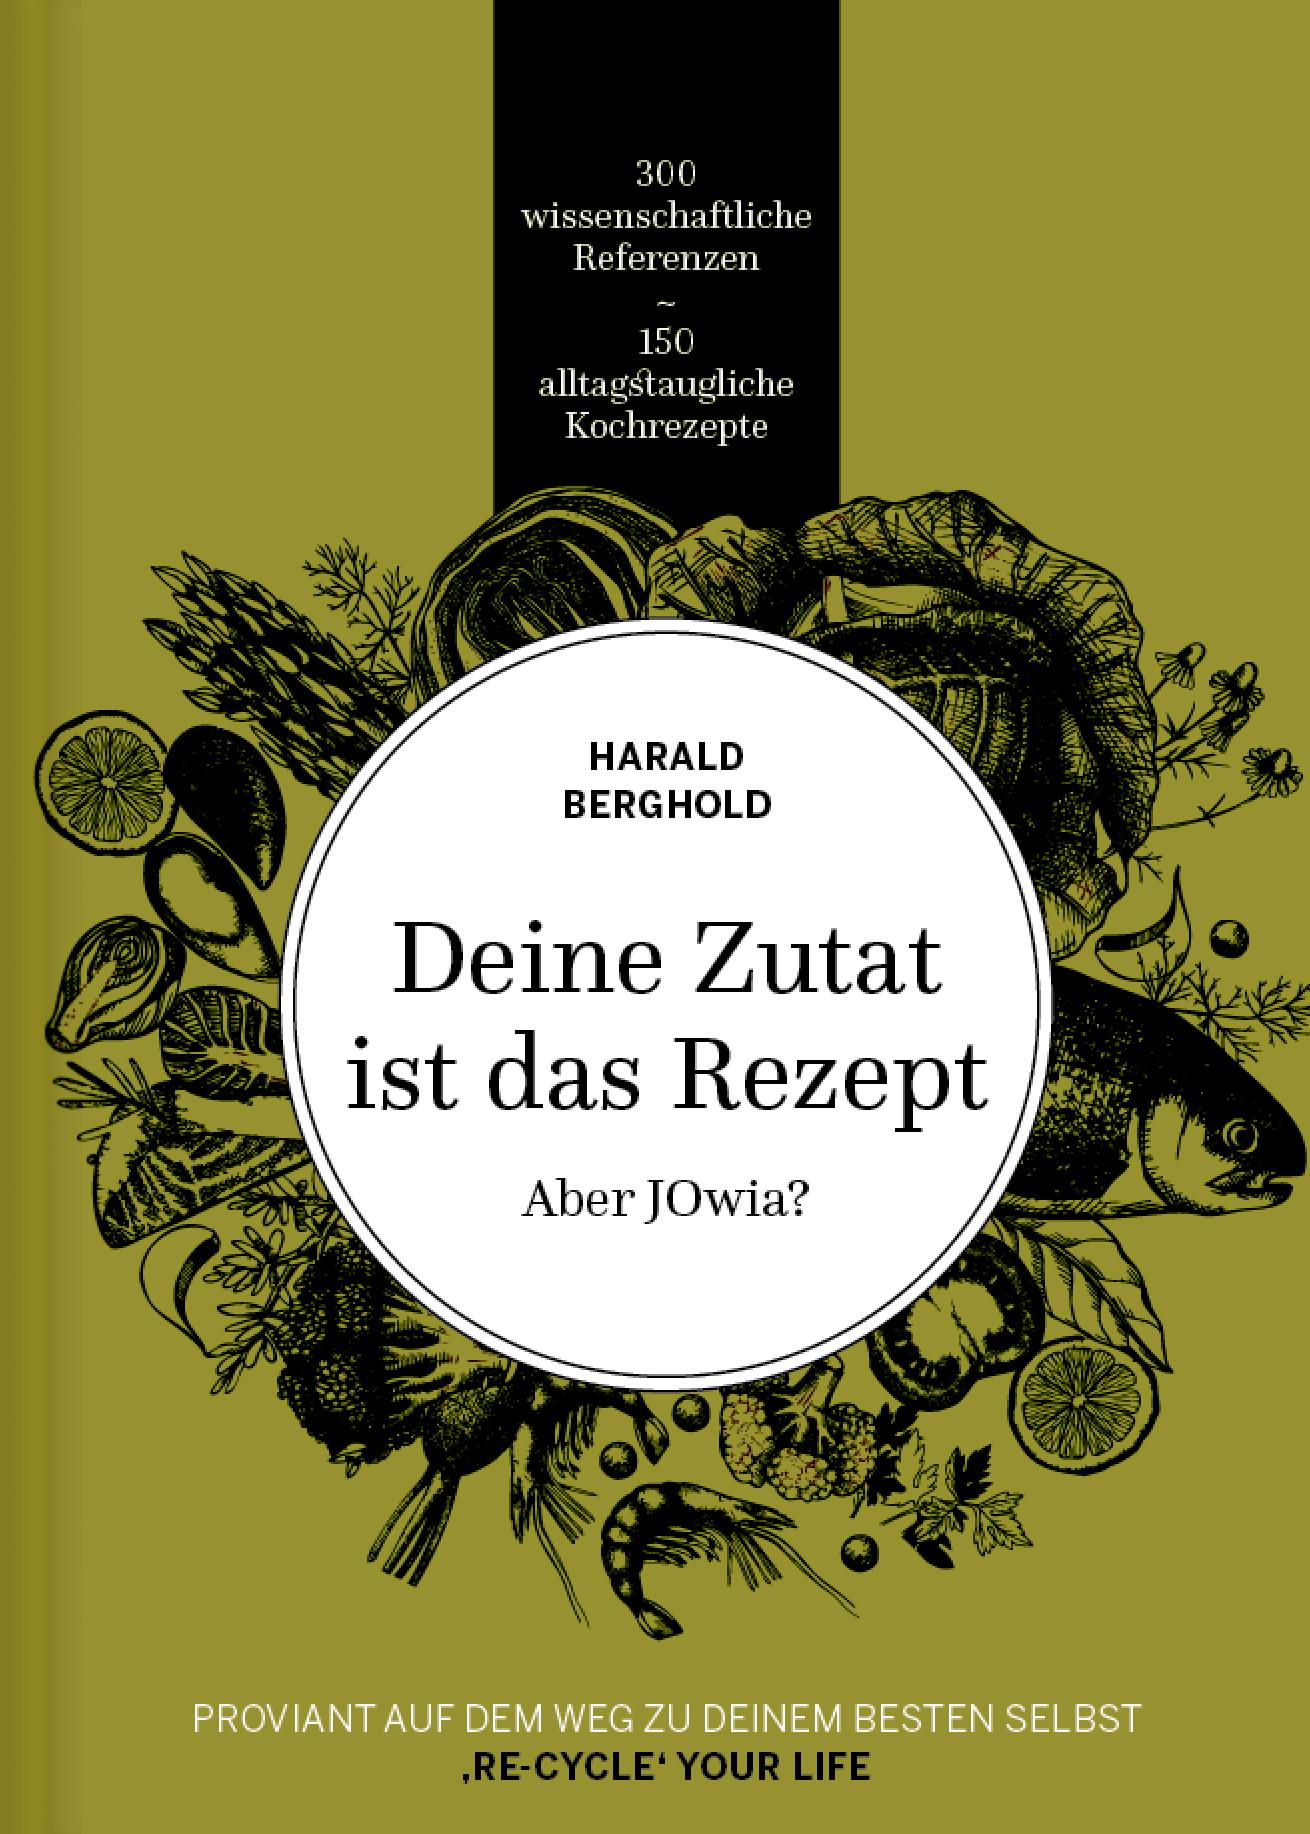 Berghold_Hari_Zutat_Buch